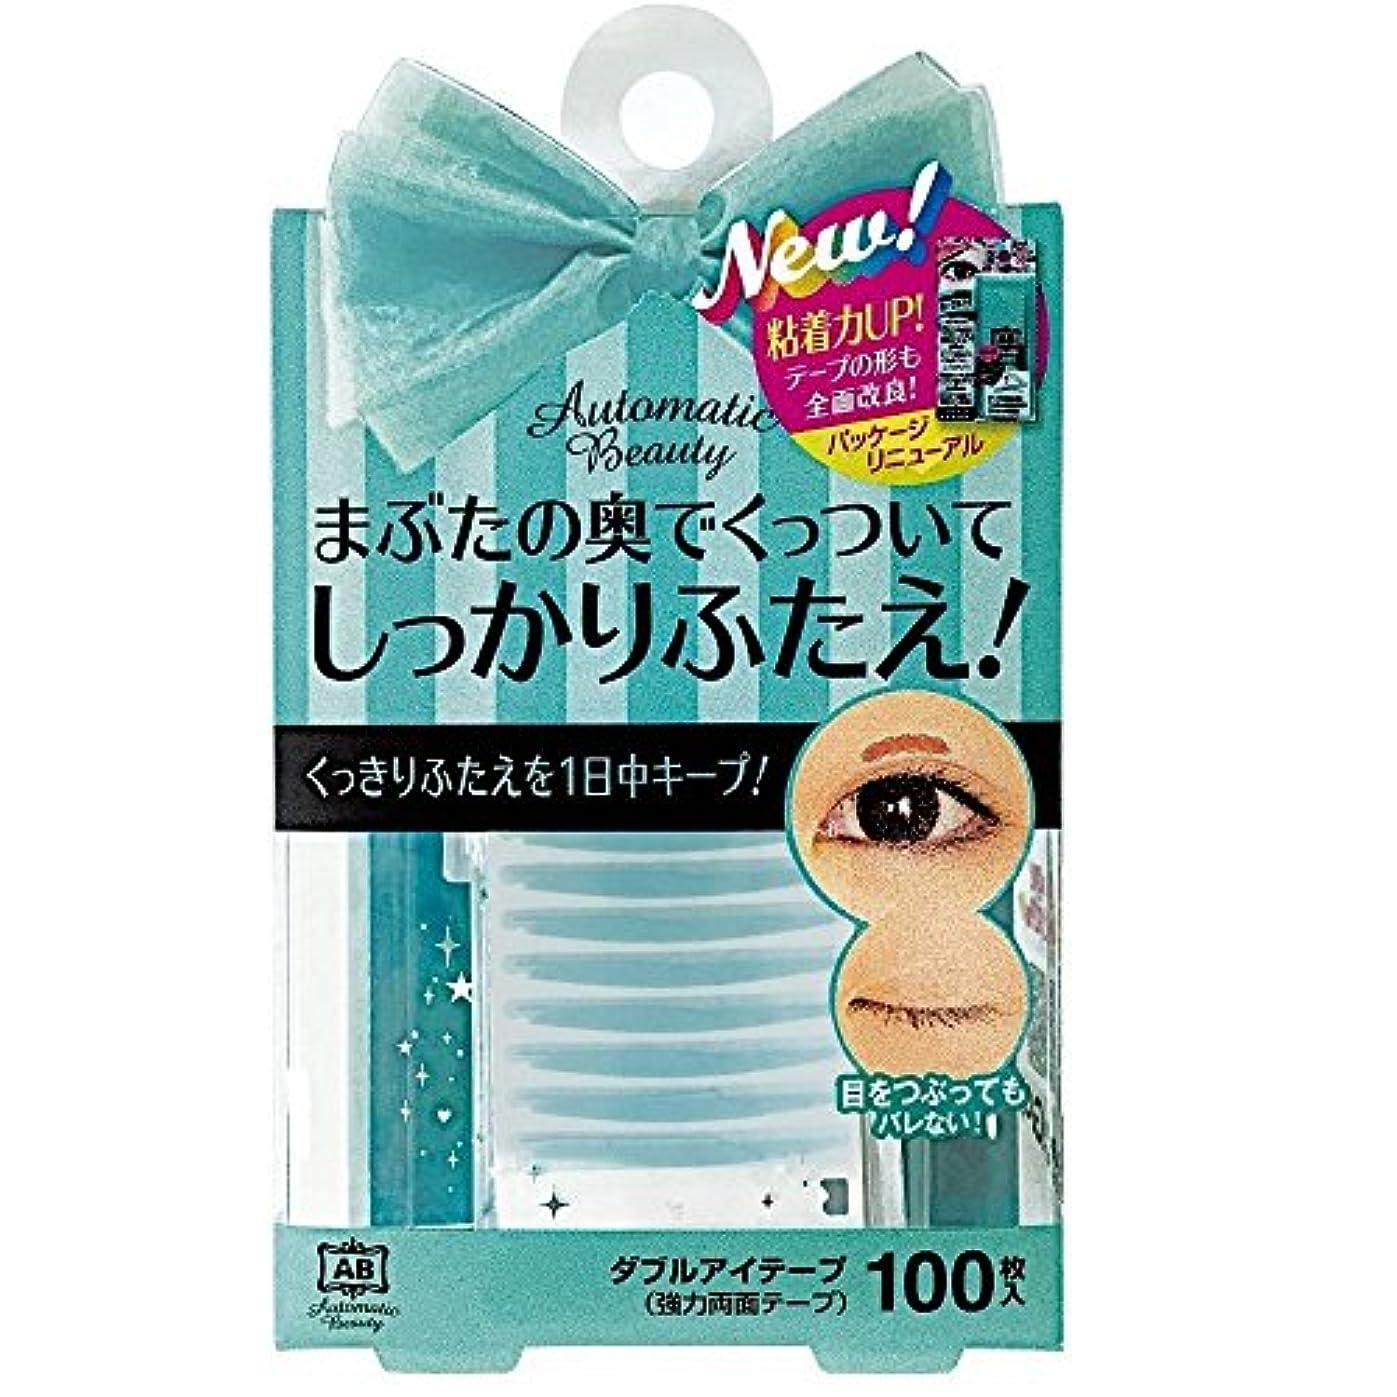 バンガロー赤面記念碑Automatic Beauty(オートマティックビューティ) ダブルアイテープ 100枚